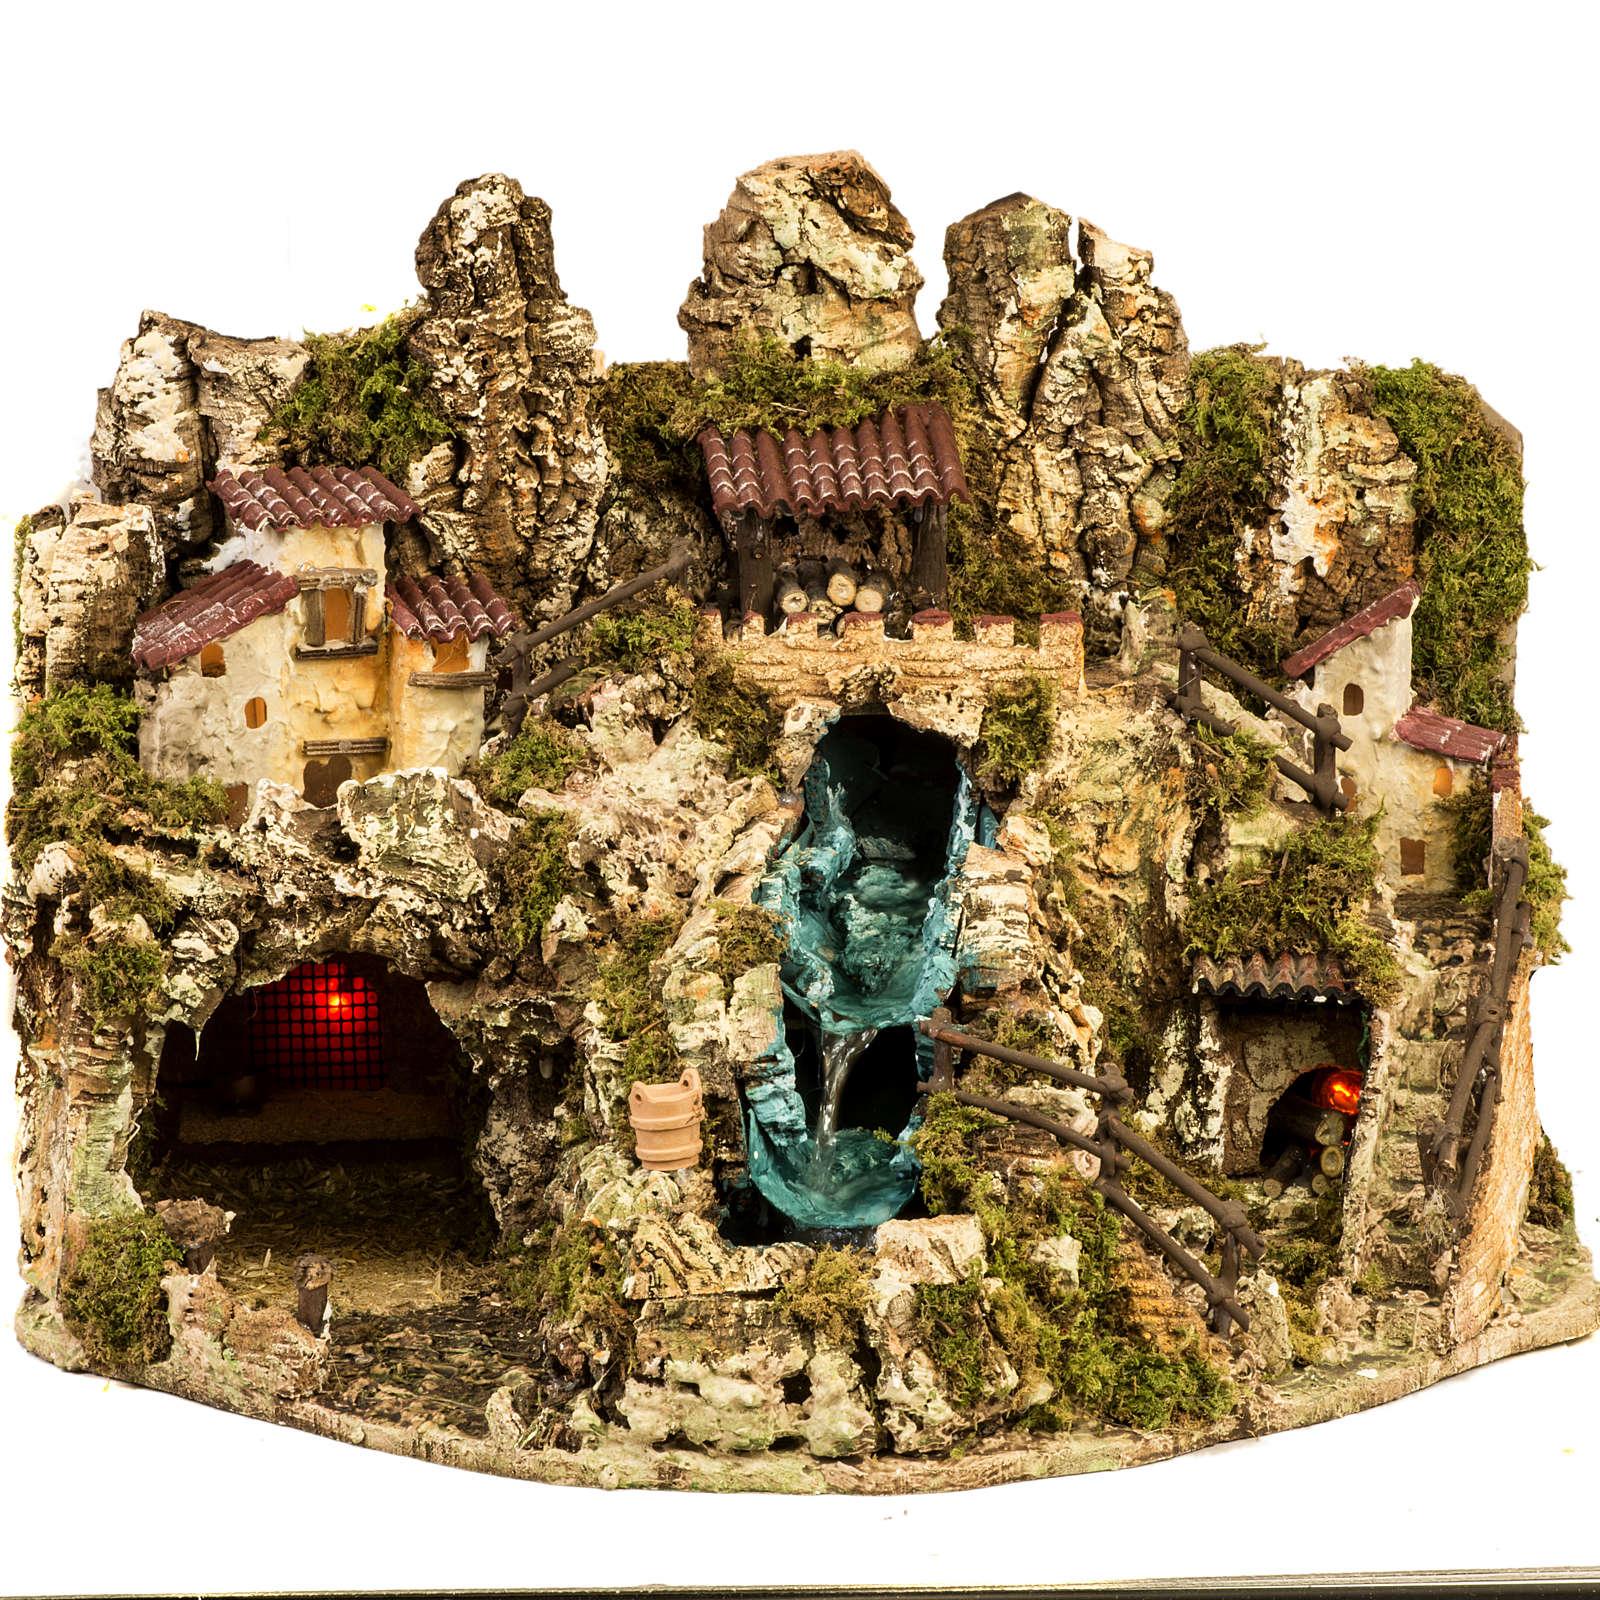 Grotte crèche Noel avec cascade, feu, maisons 4